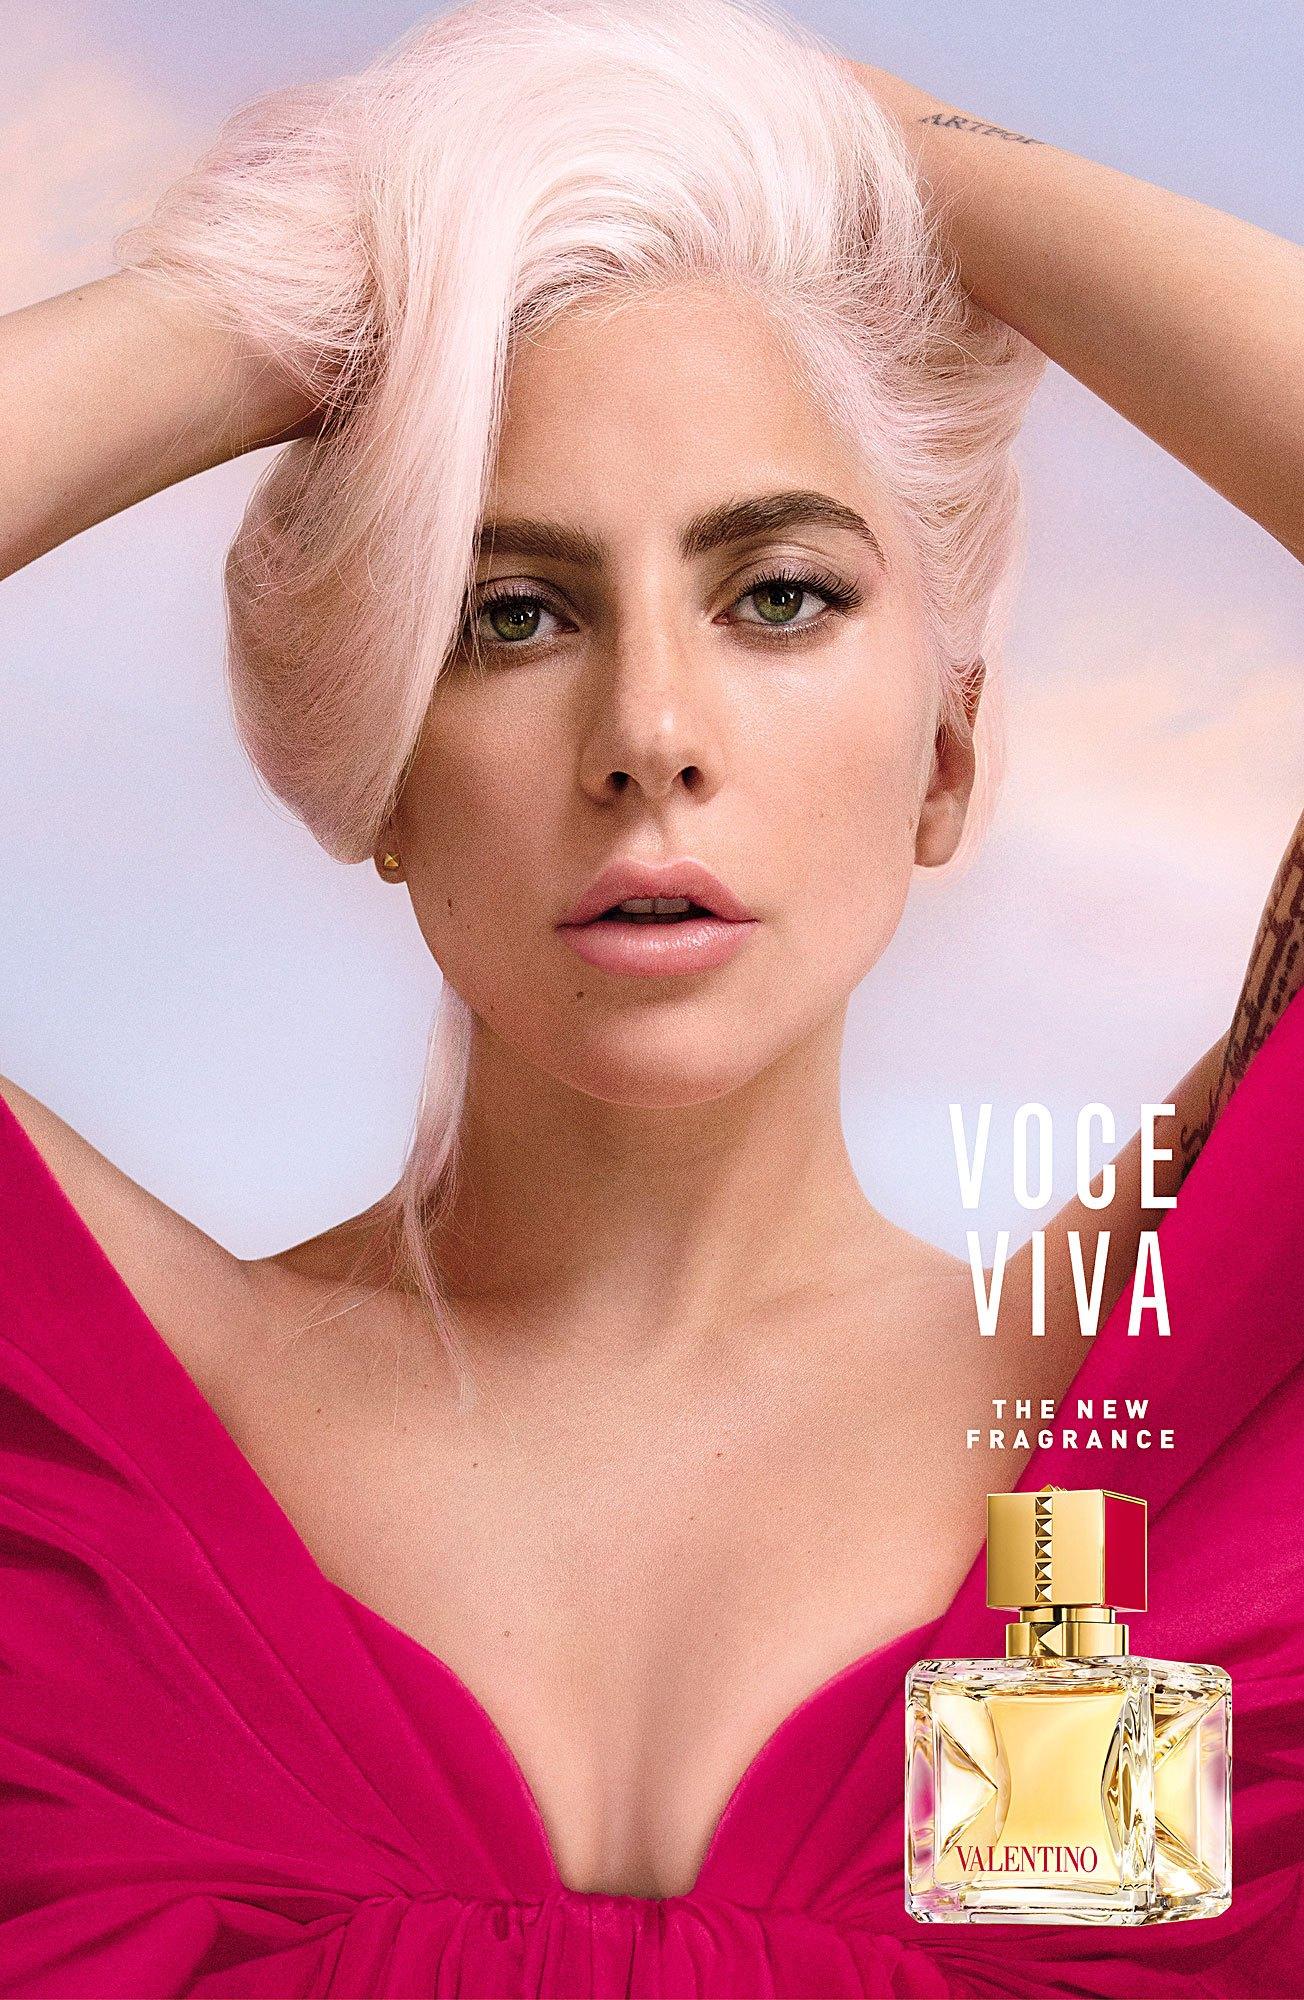 ليدي غاغا الوجه الإعلاني لعطر فالنتينو القادم Voce Viva Valentino